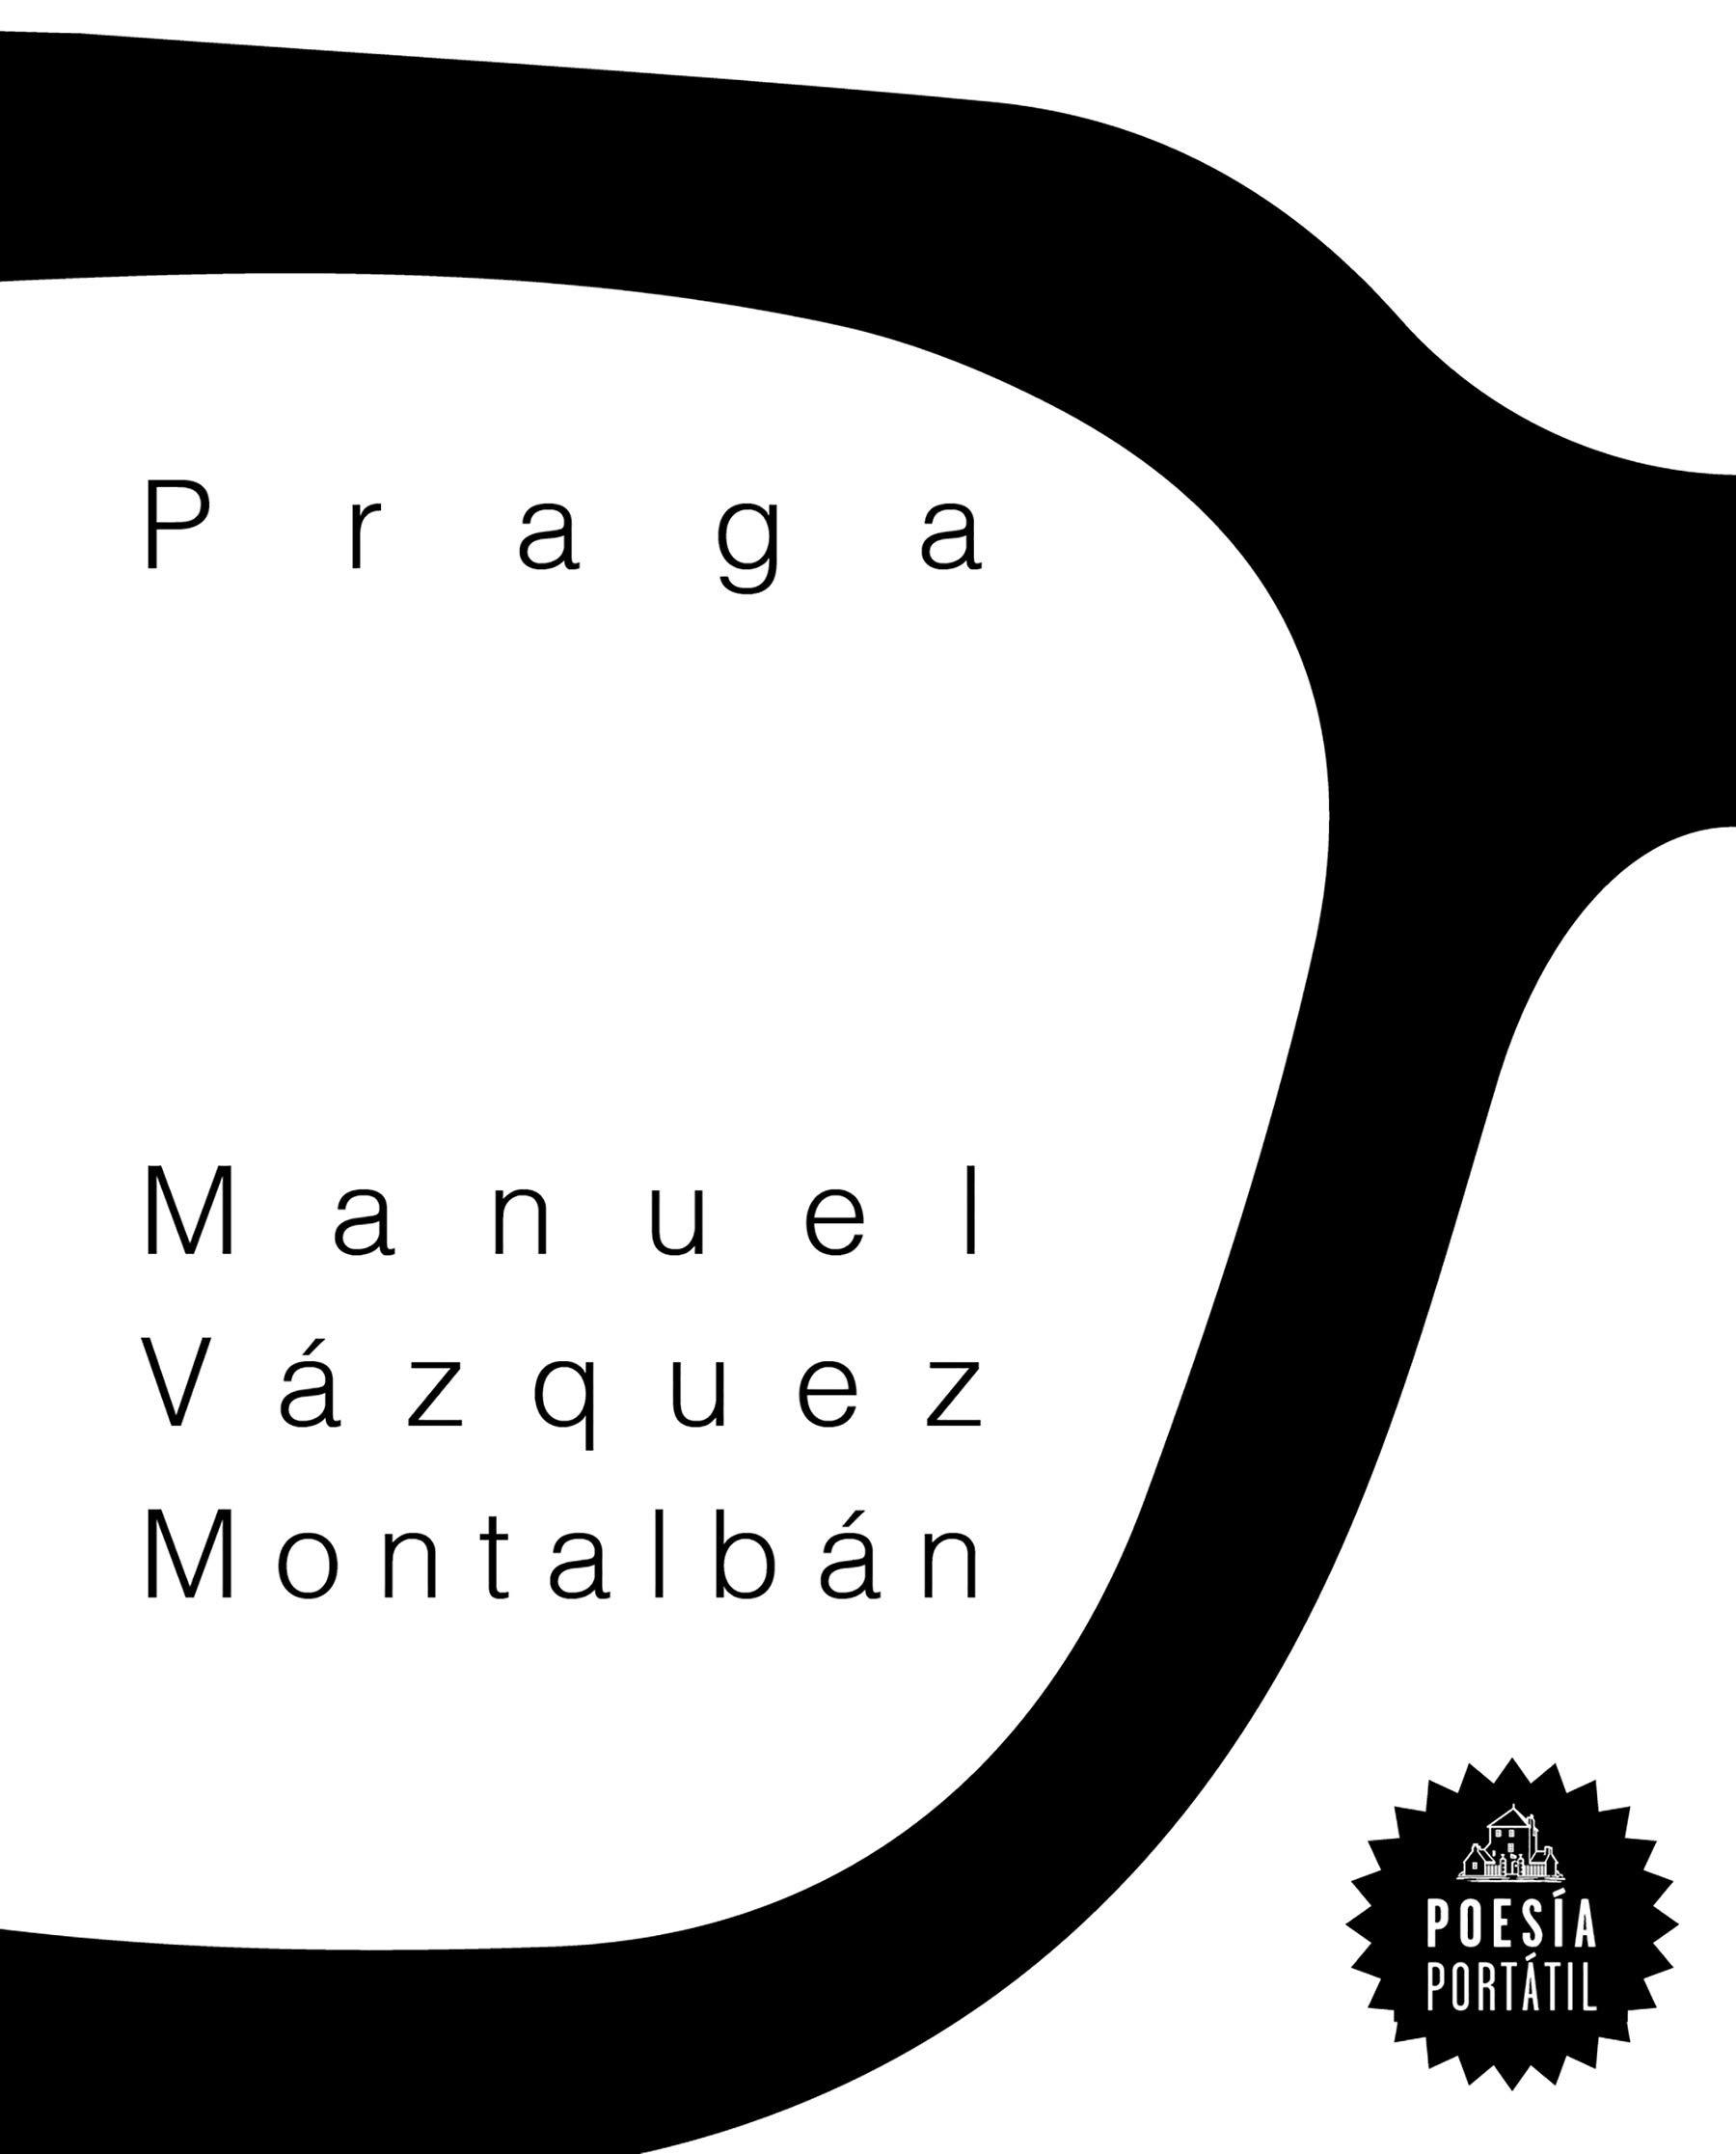 Praga (Poesía portátil): Amazon.es: Vázquez Montalbán, Manuel: Libros